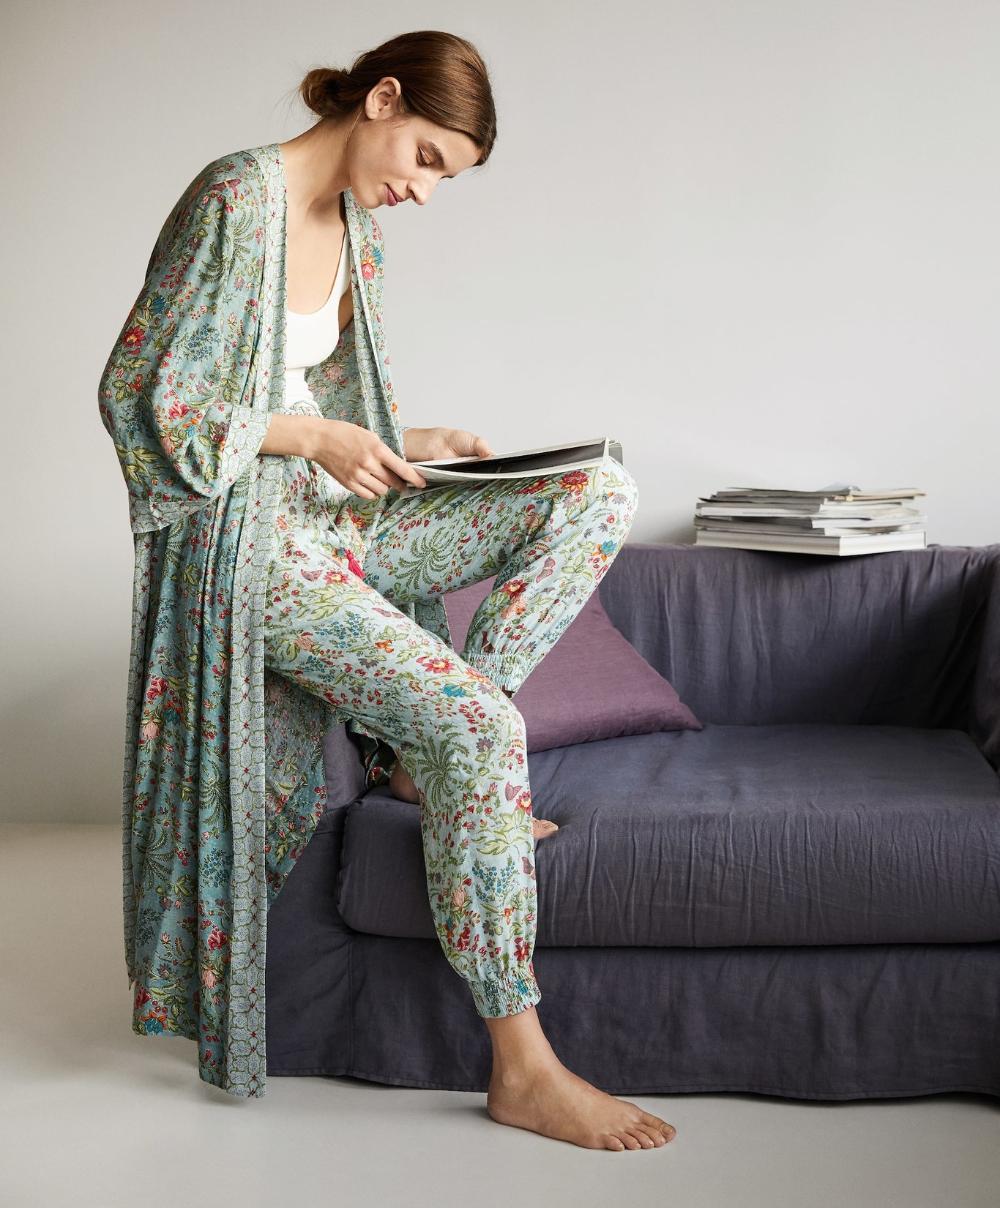 Kimonos La Prenda Más Coqueta Con La Que Estar En Casa Y En La Calle Ropa Ropa Interior Mujer Pijama De Seda Mujer